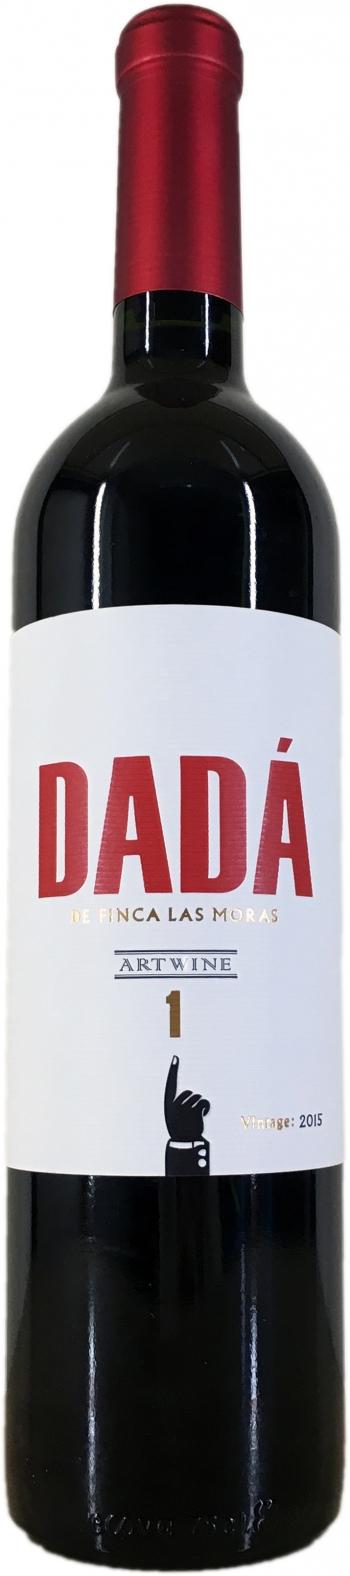 DADA No.1,  Finca las Moras 2015